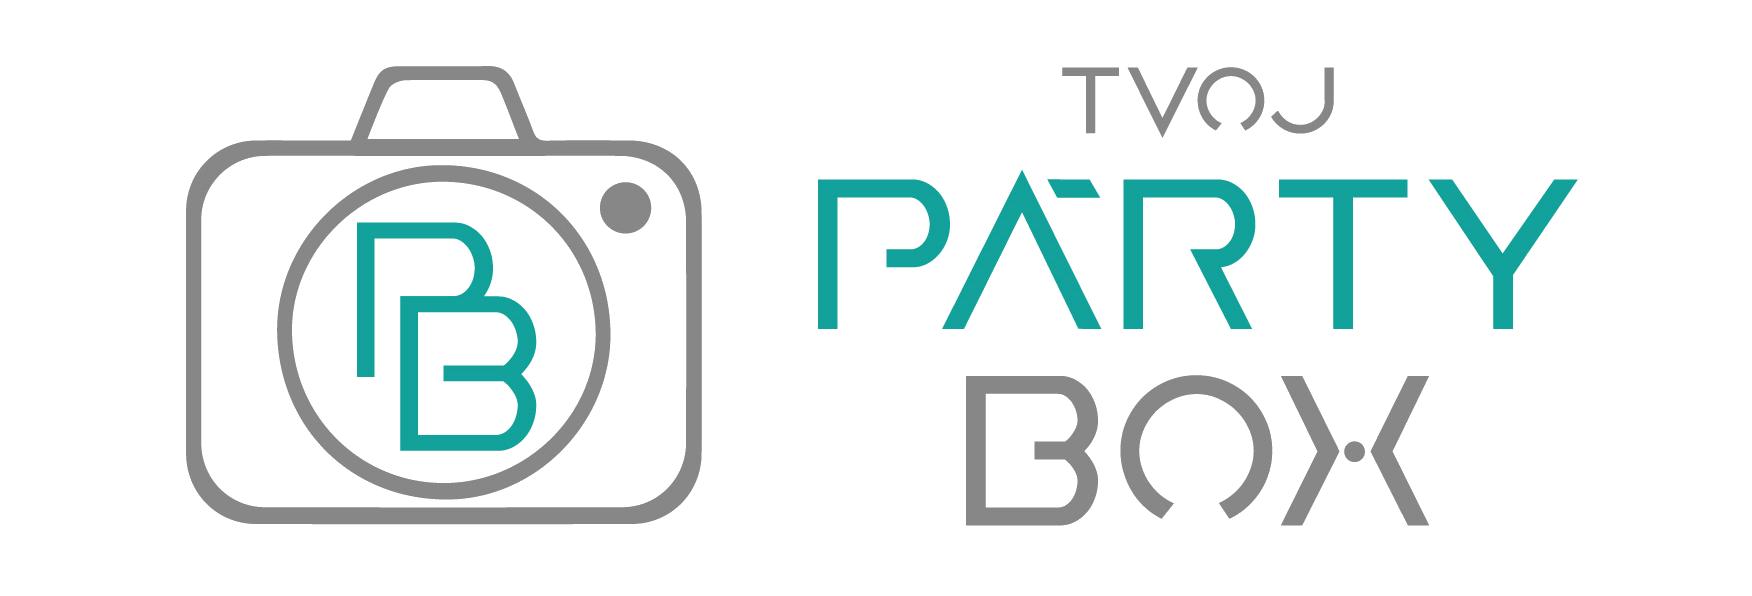 Tvoj Patybox